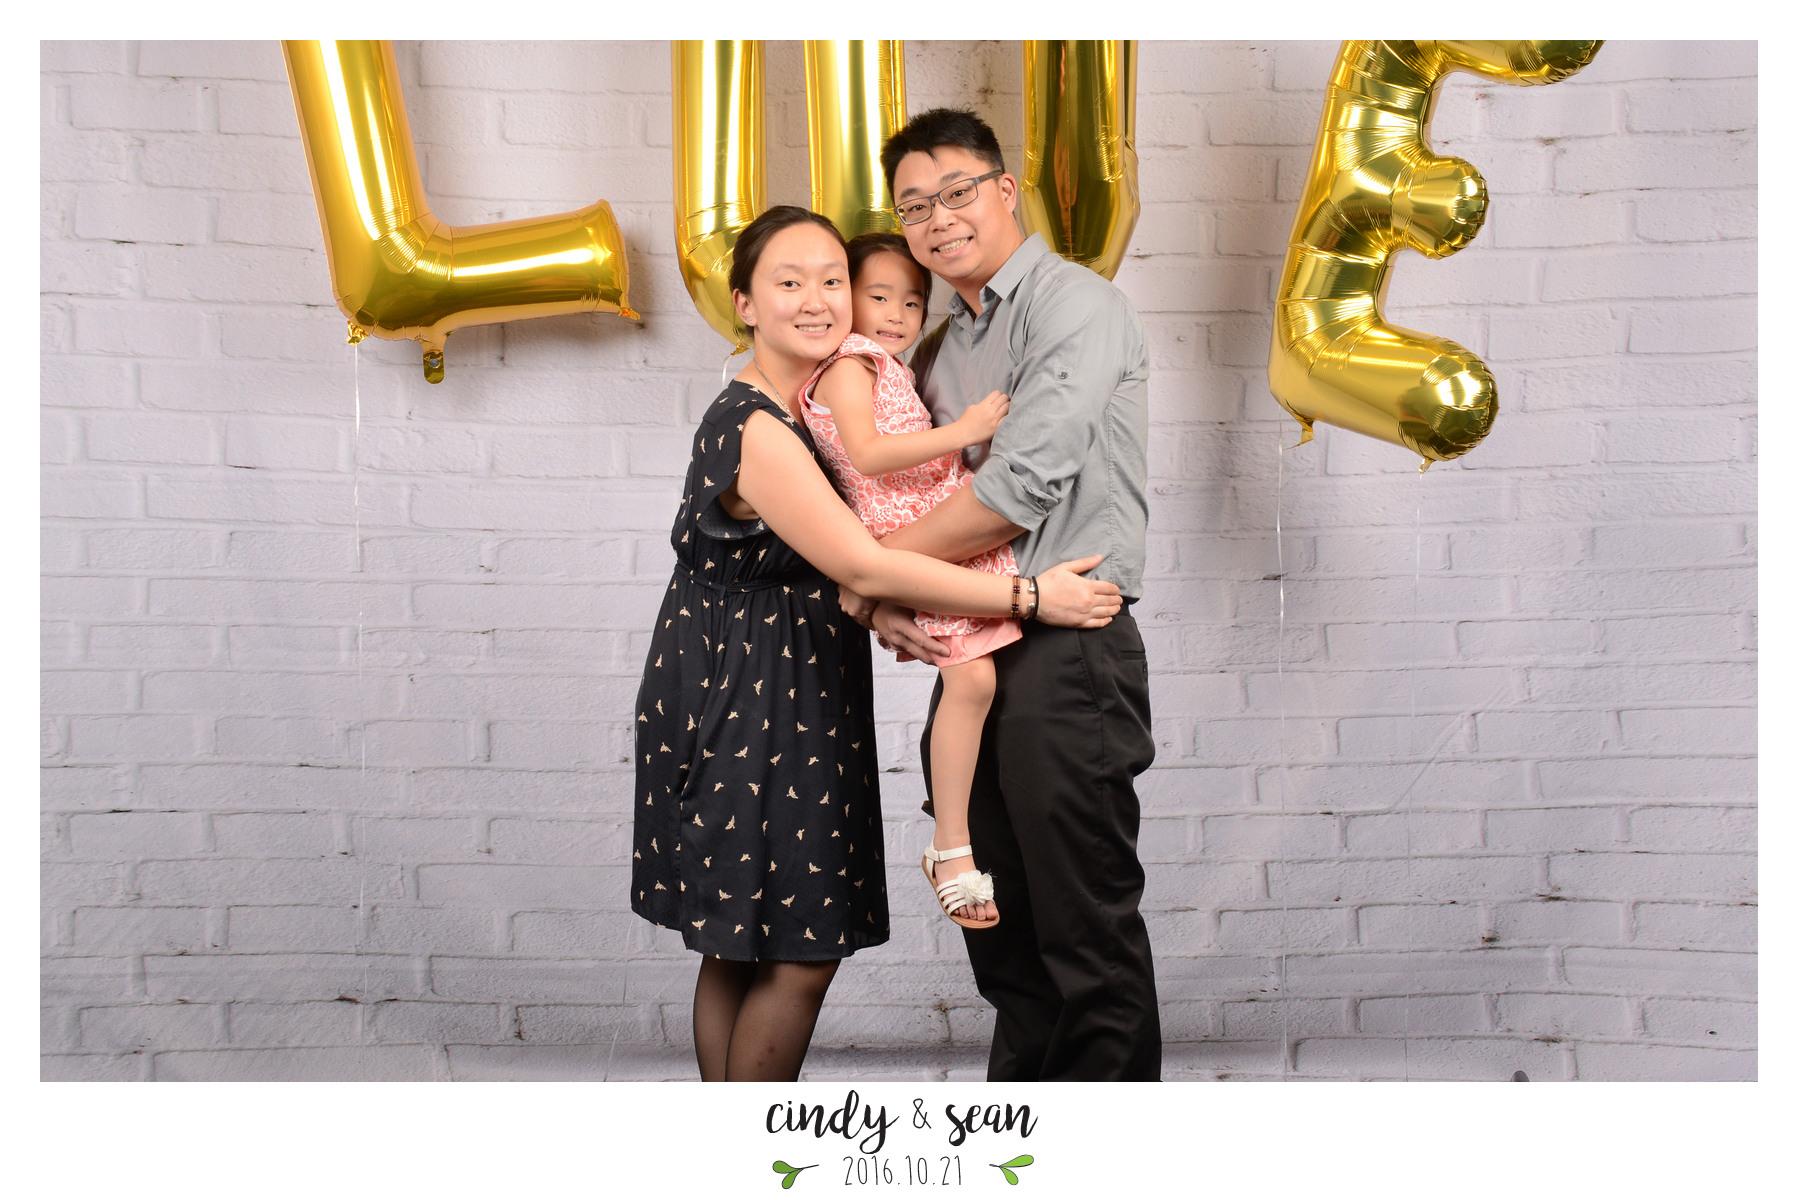 Cindy Sean Bae - 0001-174.jpg